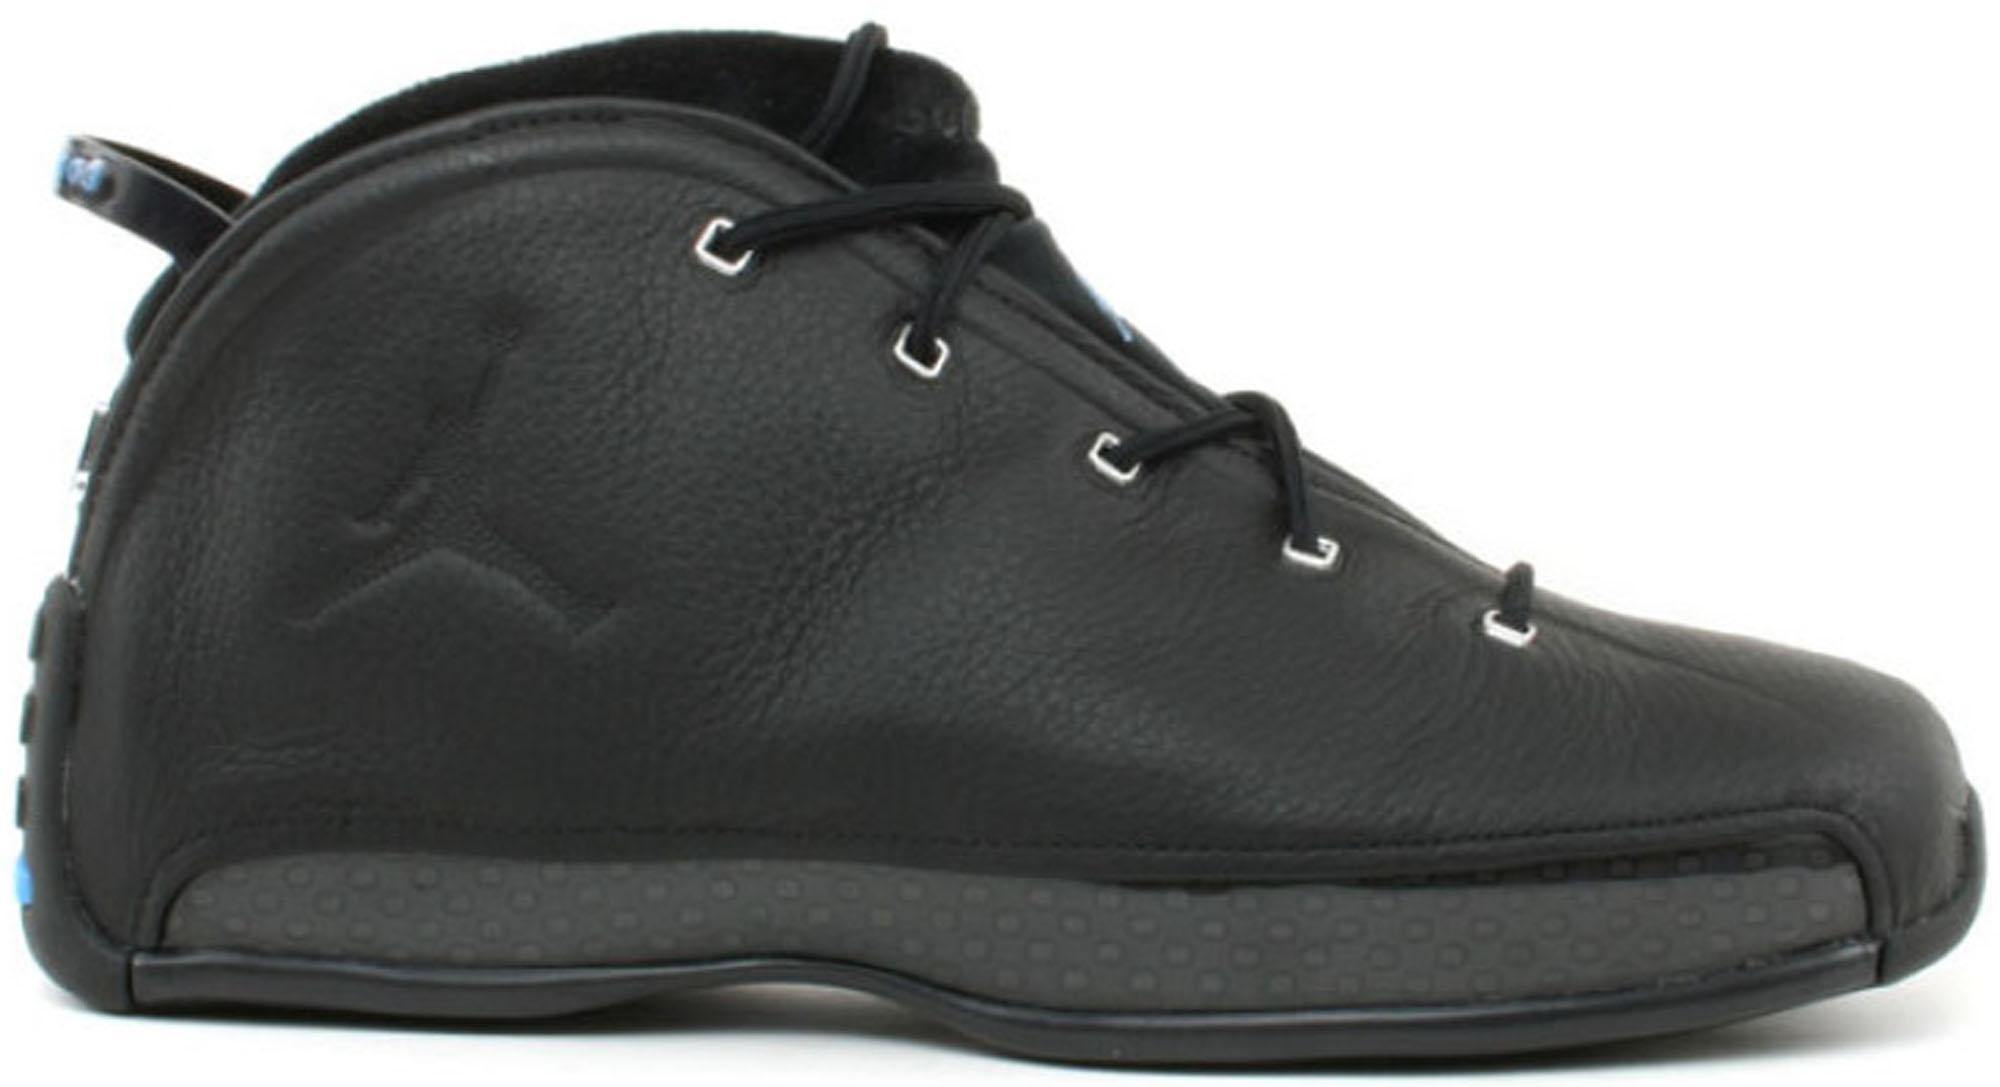 Jordan 18.5 OG Black Chrome Blue